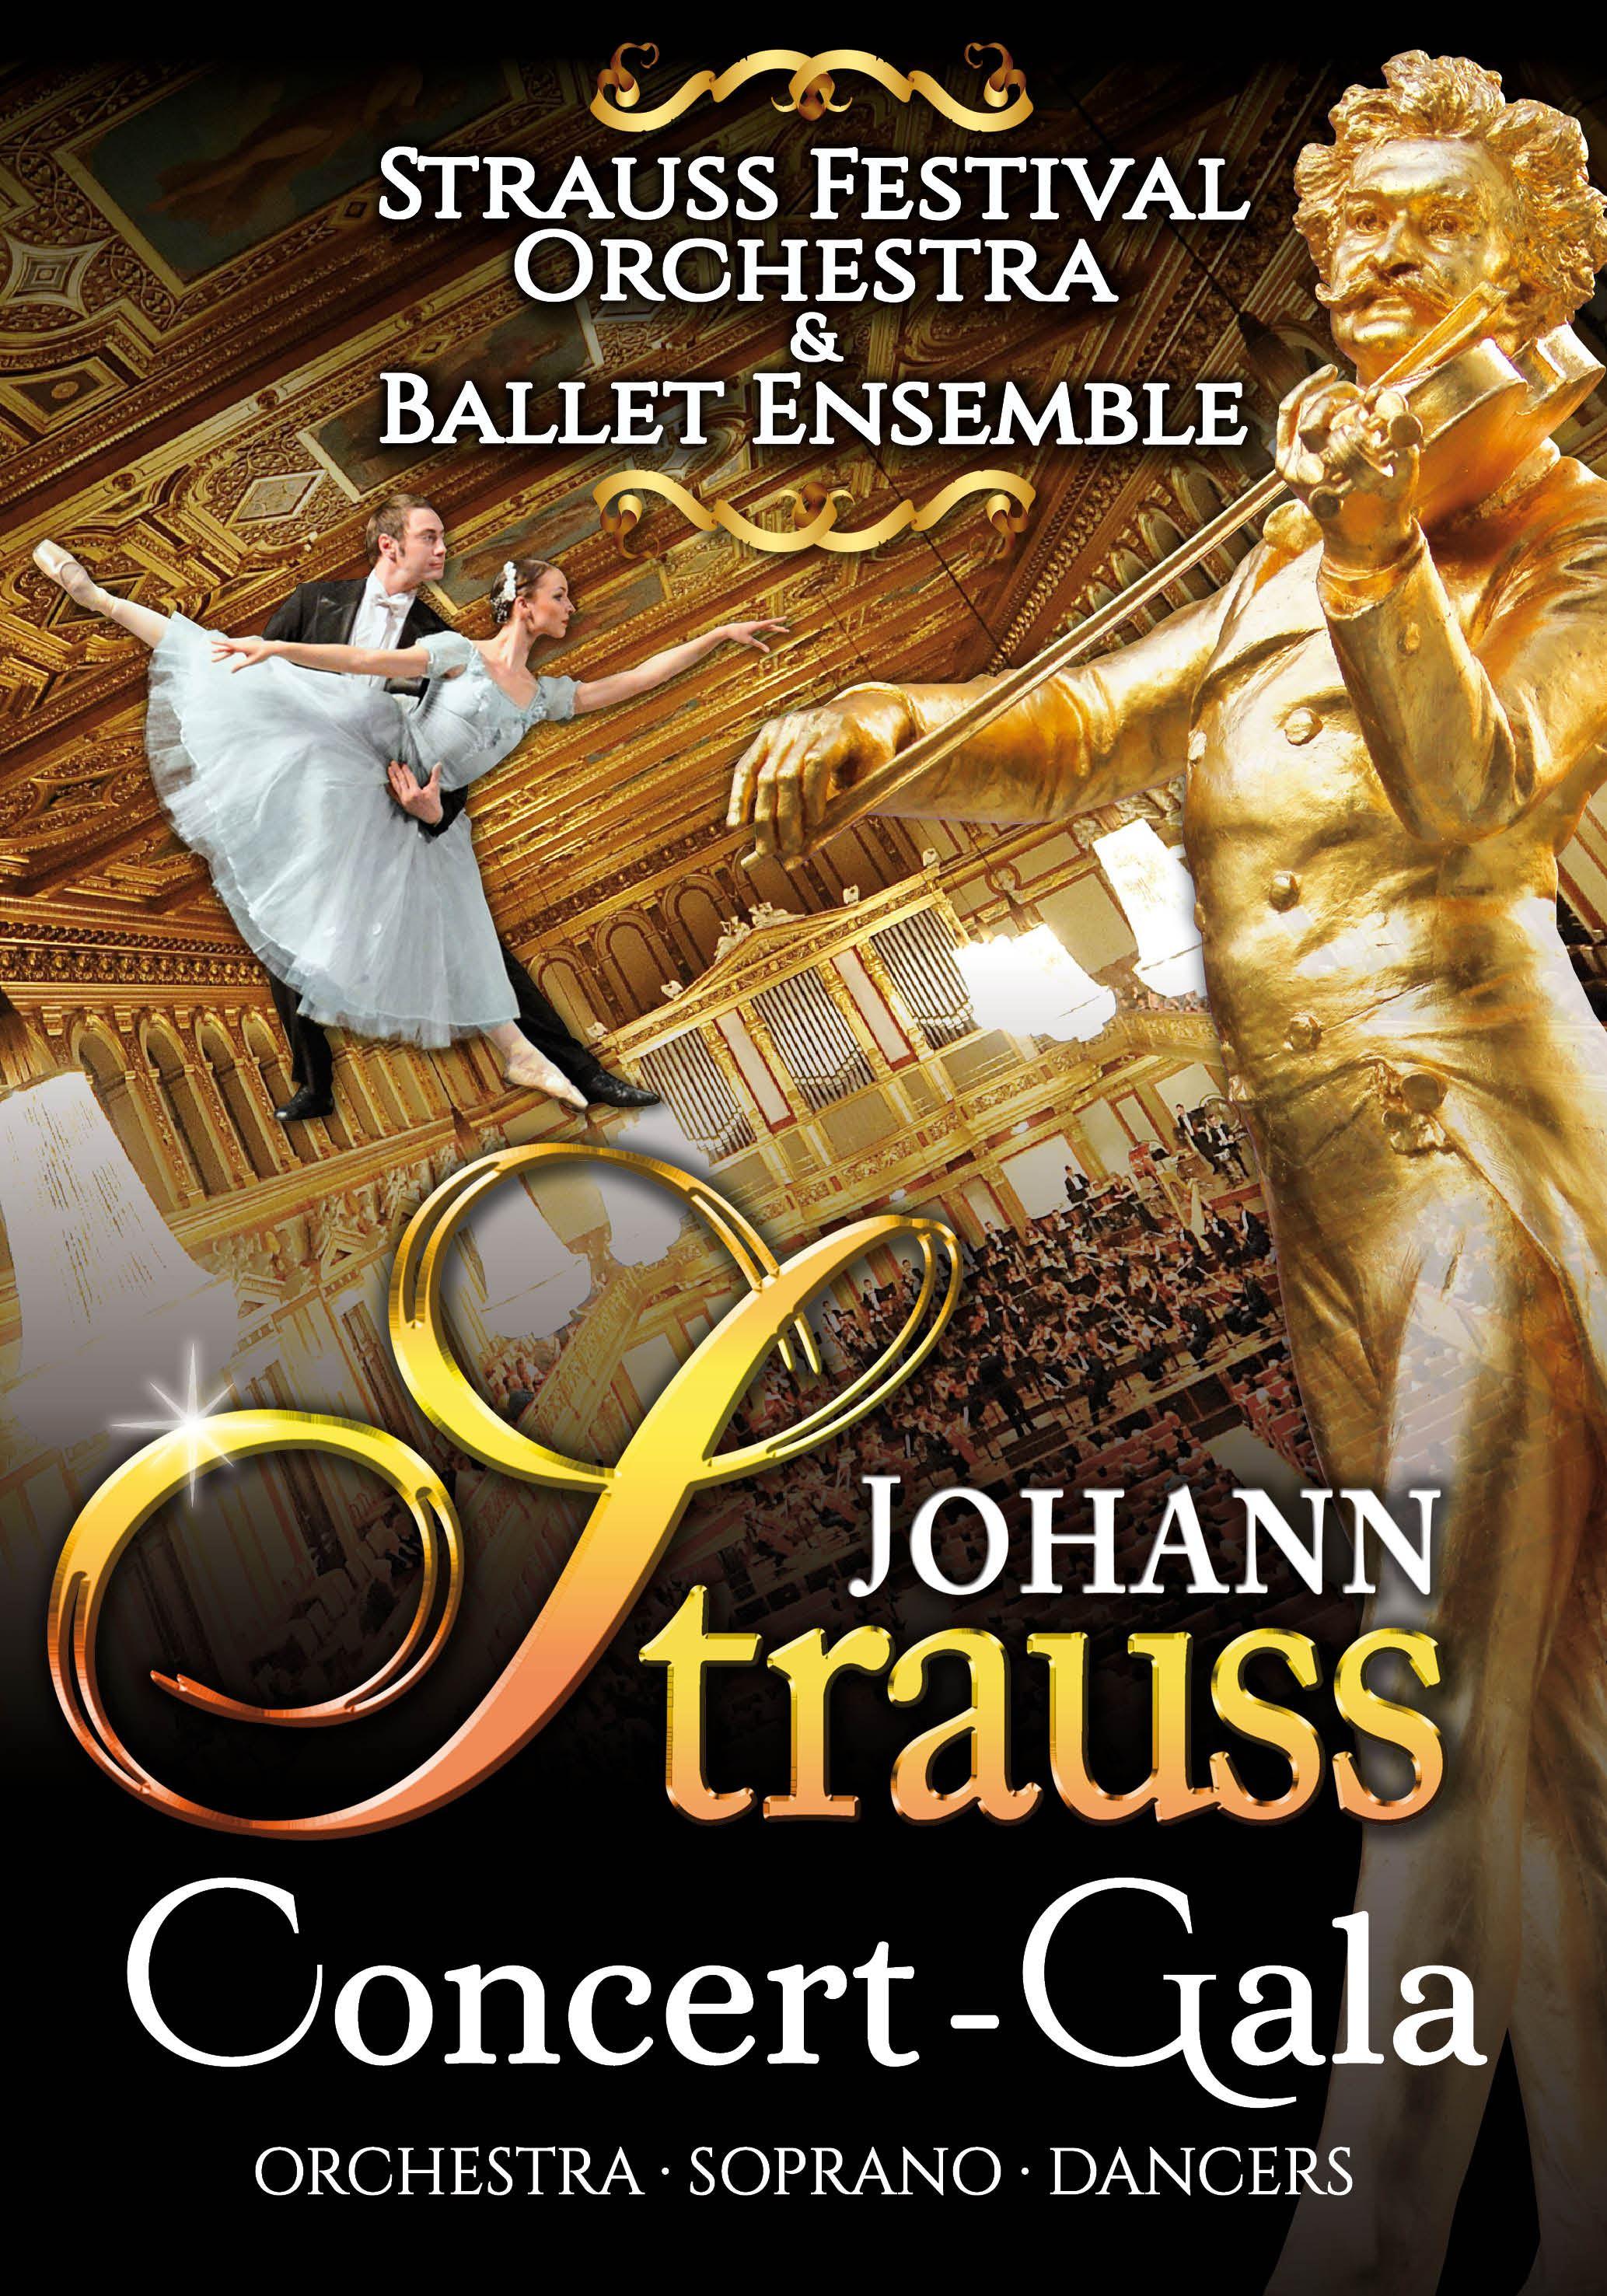 Johann Strauss Concert Gala